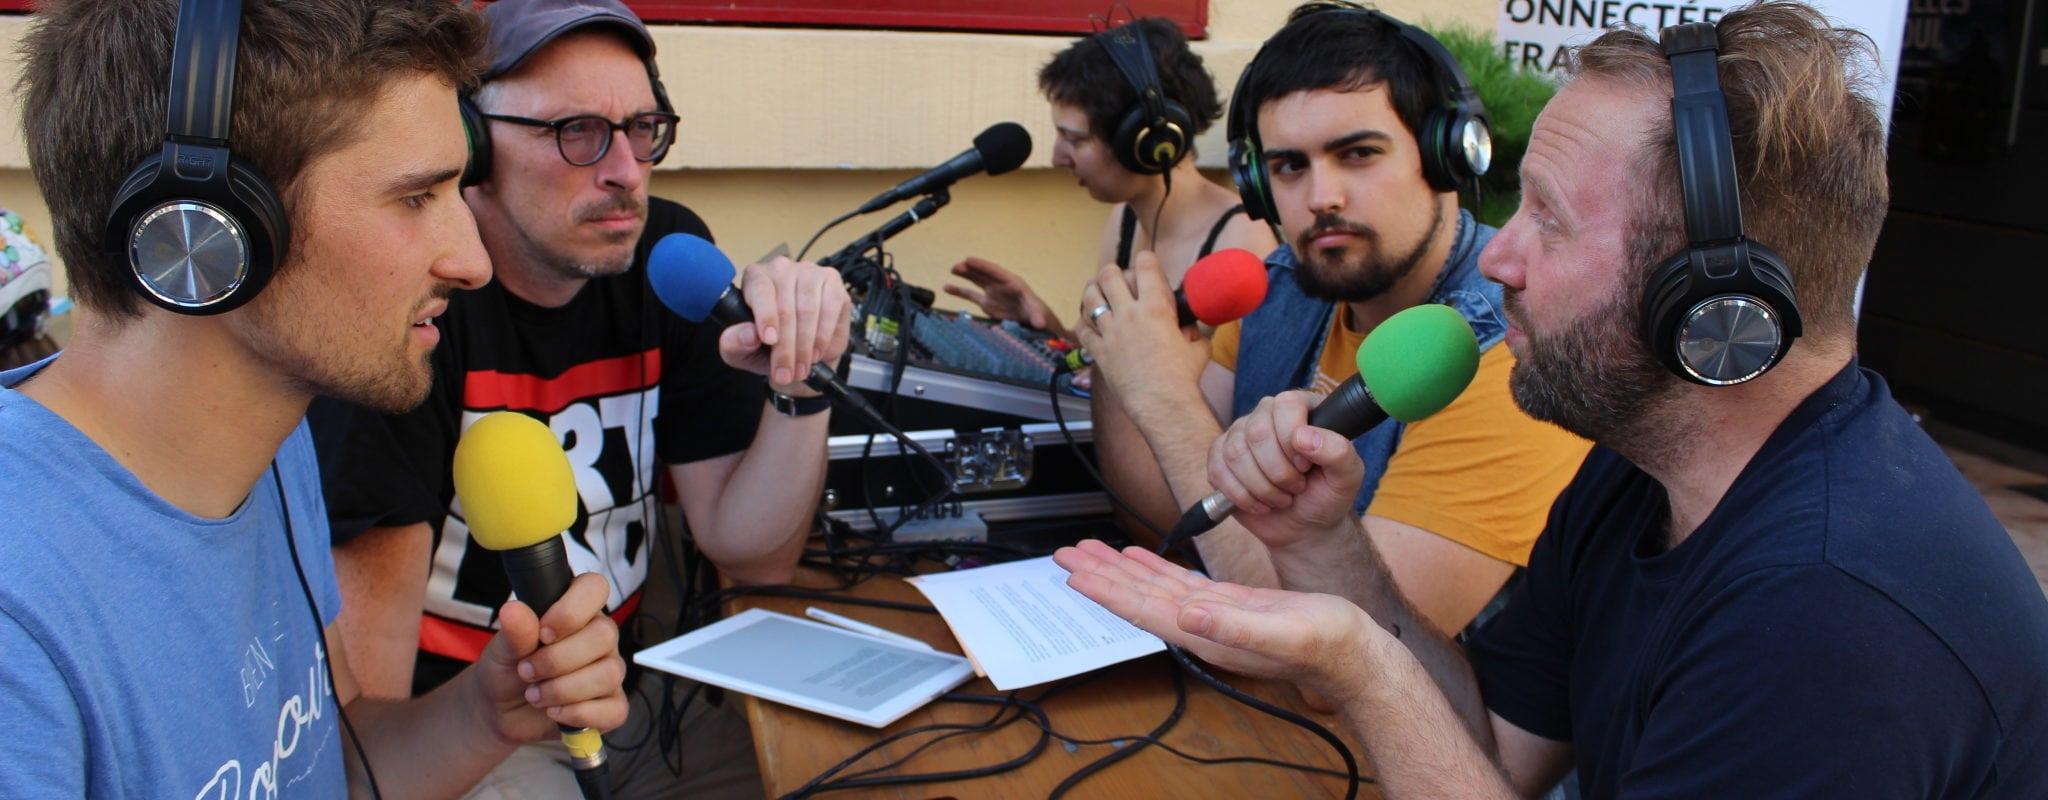 À écouter dans 89dB: le meilleur des sorties culturelles à Strasbourg en septembre